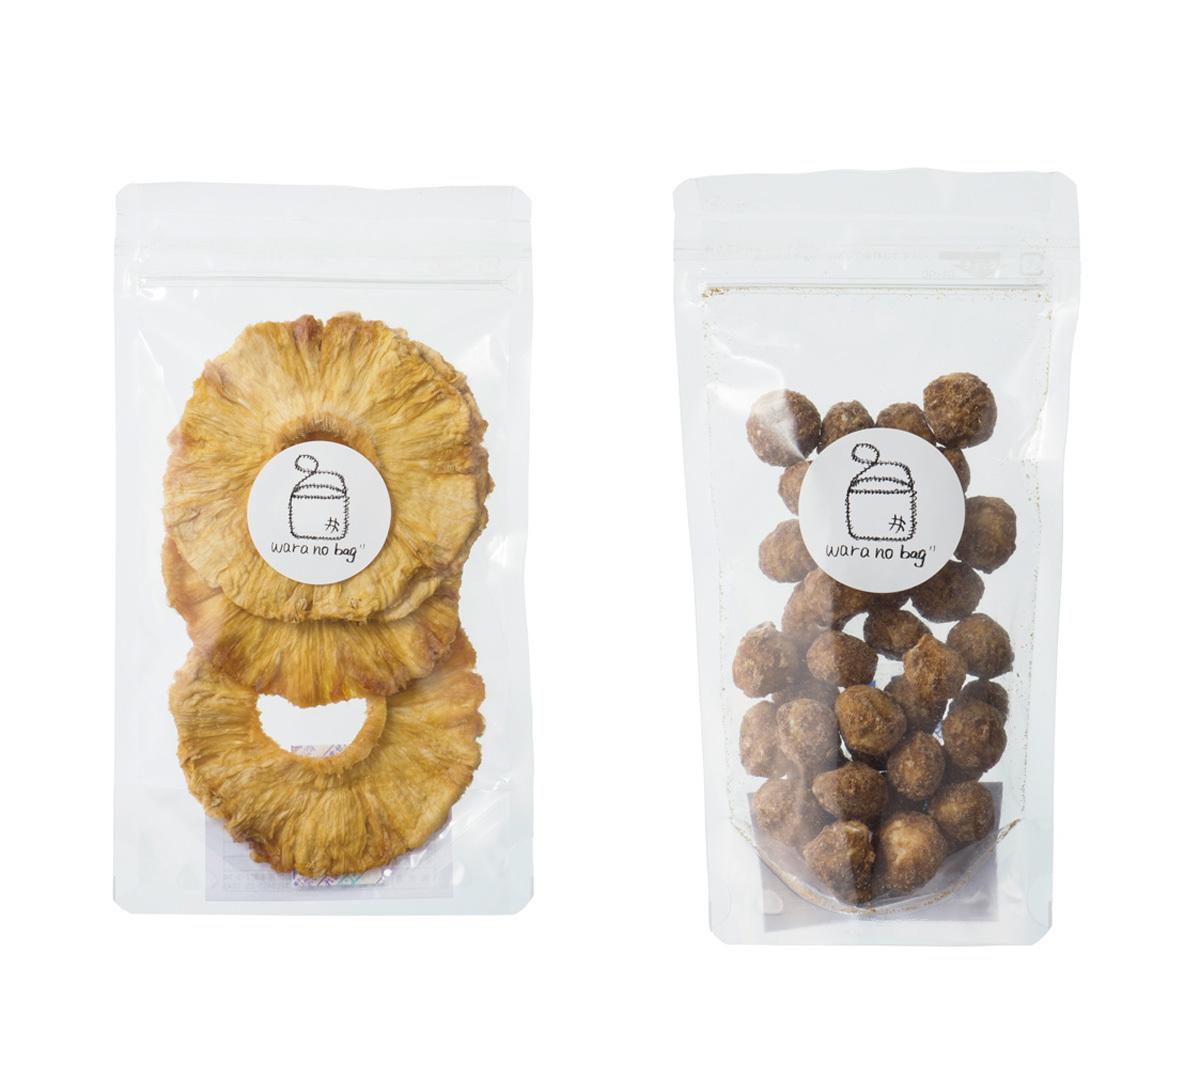 おやつ&おつまみに最適 waranobag の「黒糖マカダミアナッツ」「無添加 ドライパイン」_1_2